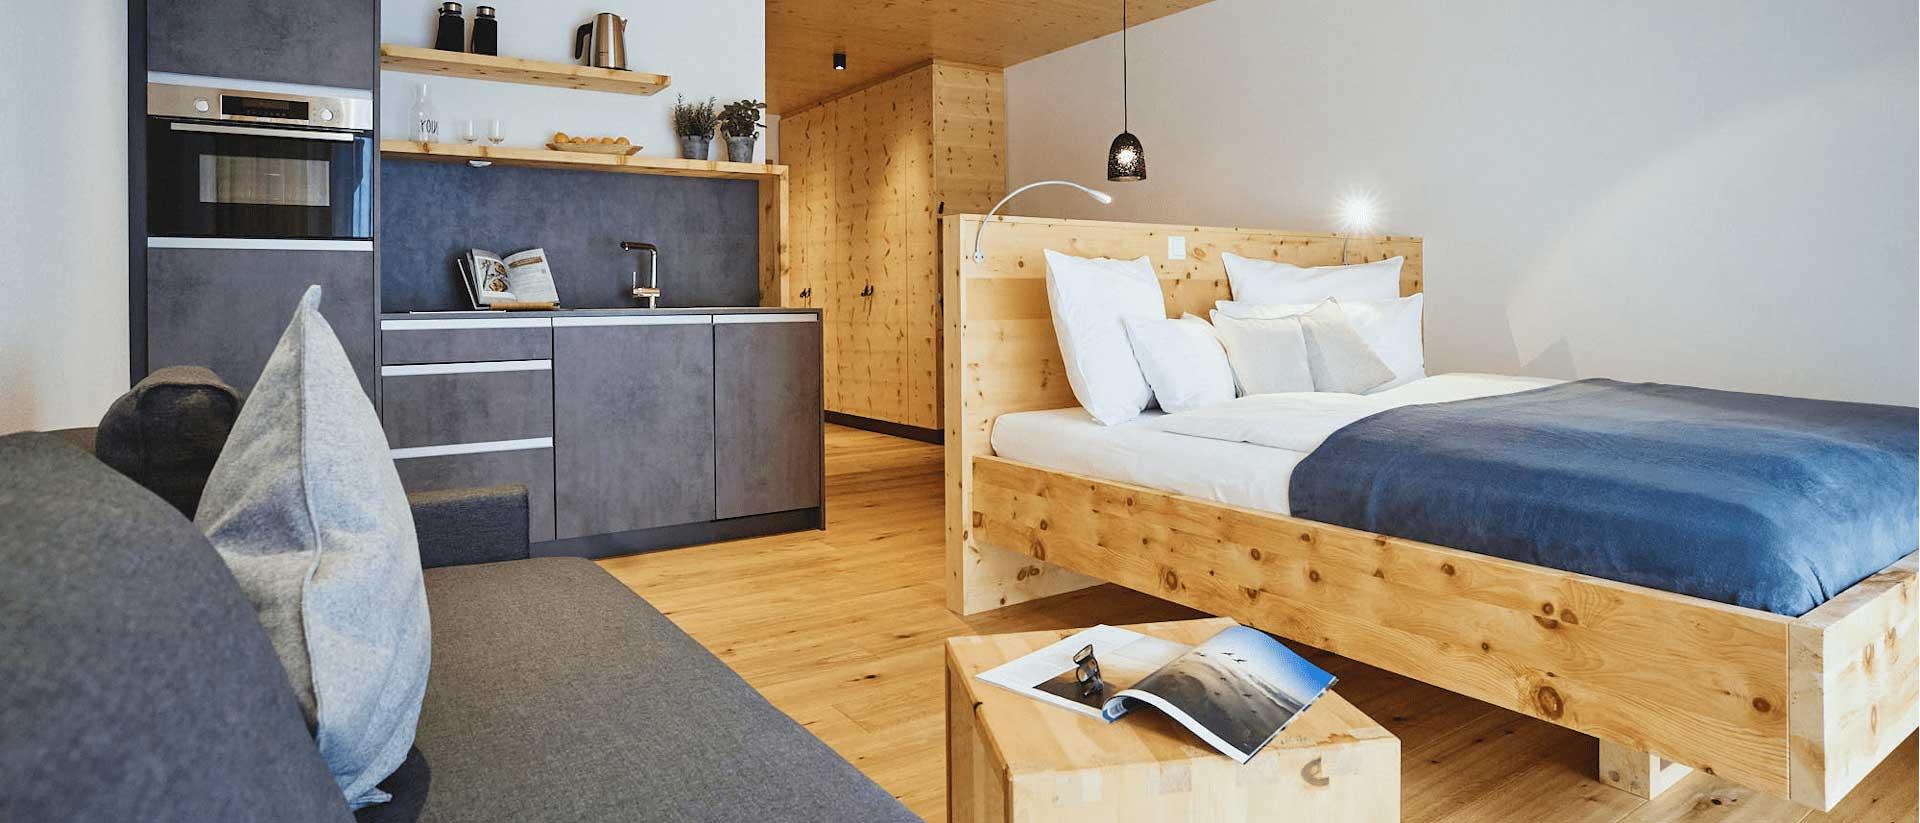 ECHTZEIT Ferien Apartments - Herzlich willkommen im Wohlfühl-Urlaub